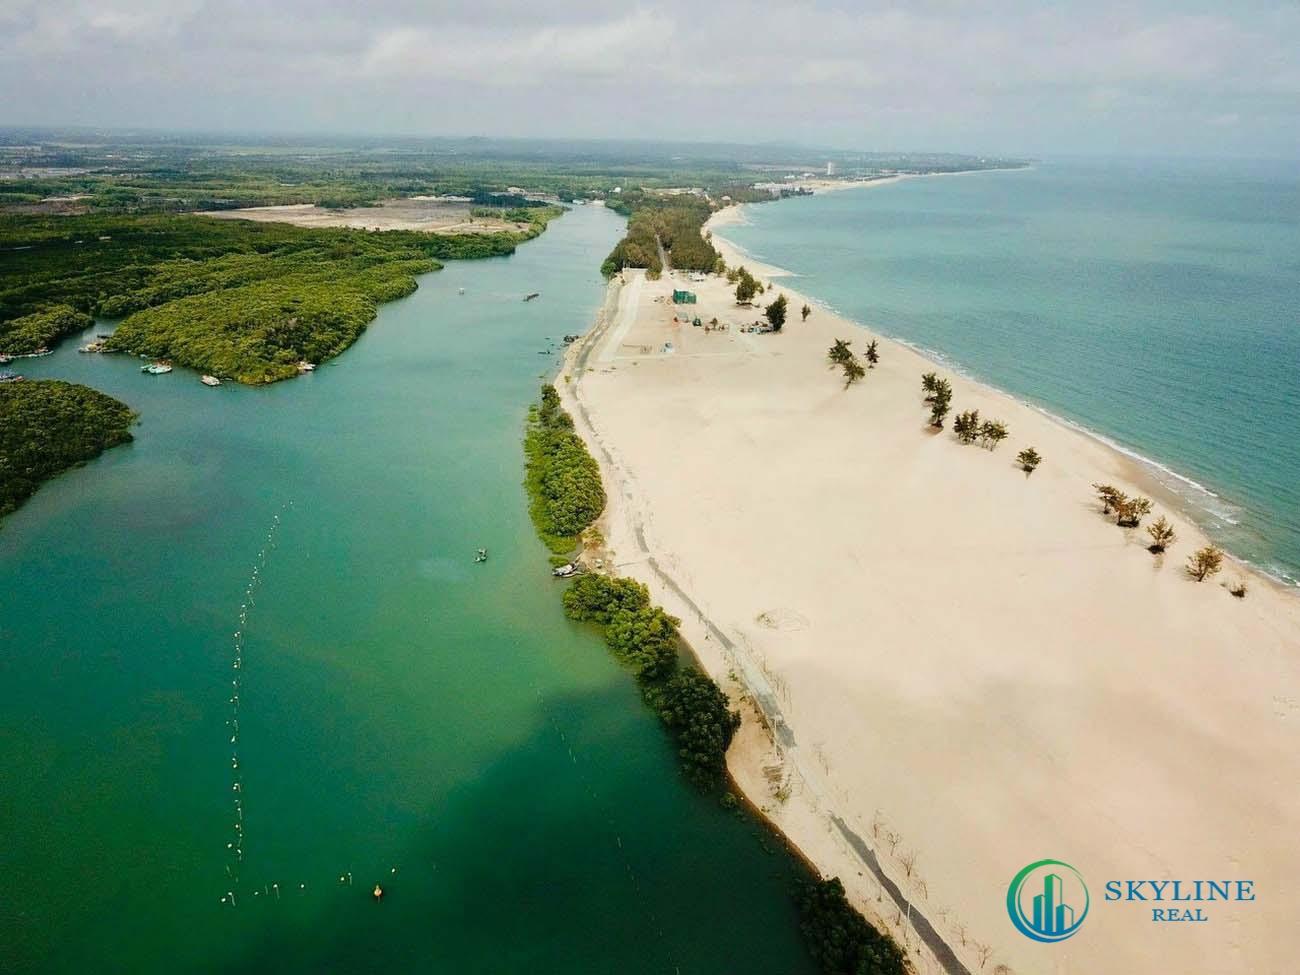 Habana Island có toạ độ đắt giá vừa giáp sông vừa giáp biển, nên rất thu hút thị trường ở phân khúc bất động sản nghỉ dưỡng hạng sang